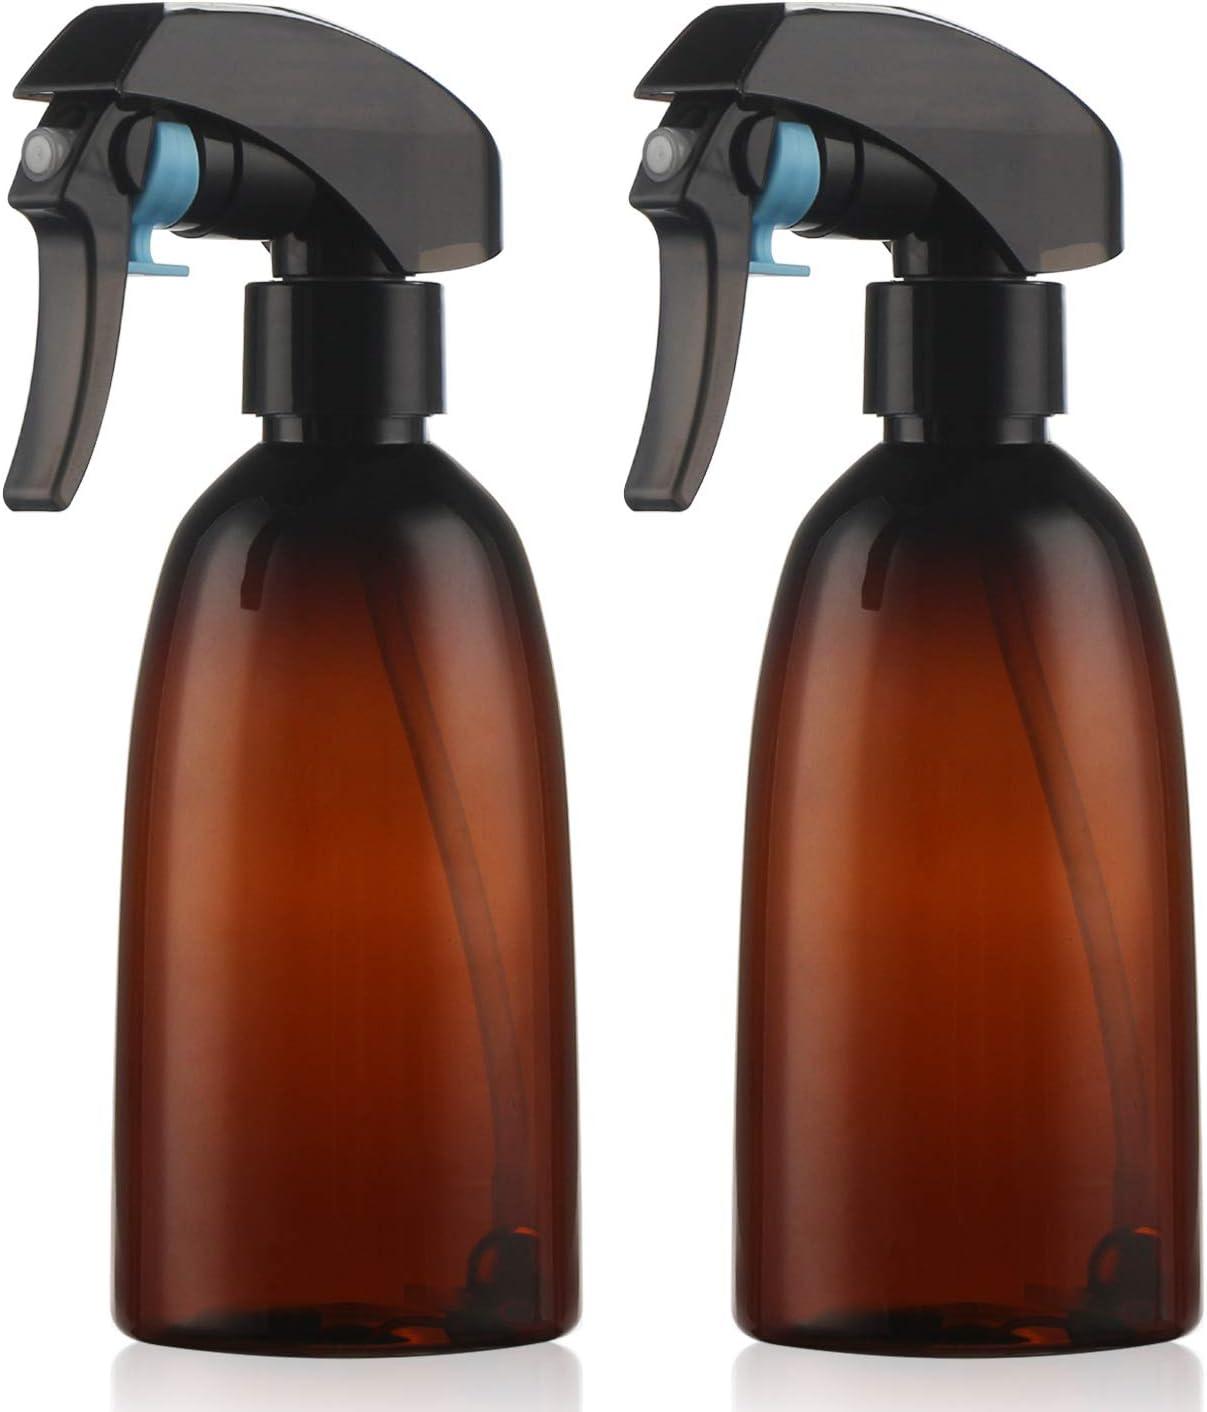 2Packs Botella de pulverización vacía, pulverizador de niebla de agua de ángulo total de 360 ° 10oz Recargable Spraying Mister para peluquería, planta de la casa, planchado, limpieza de la casa